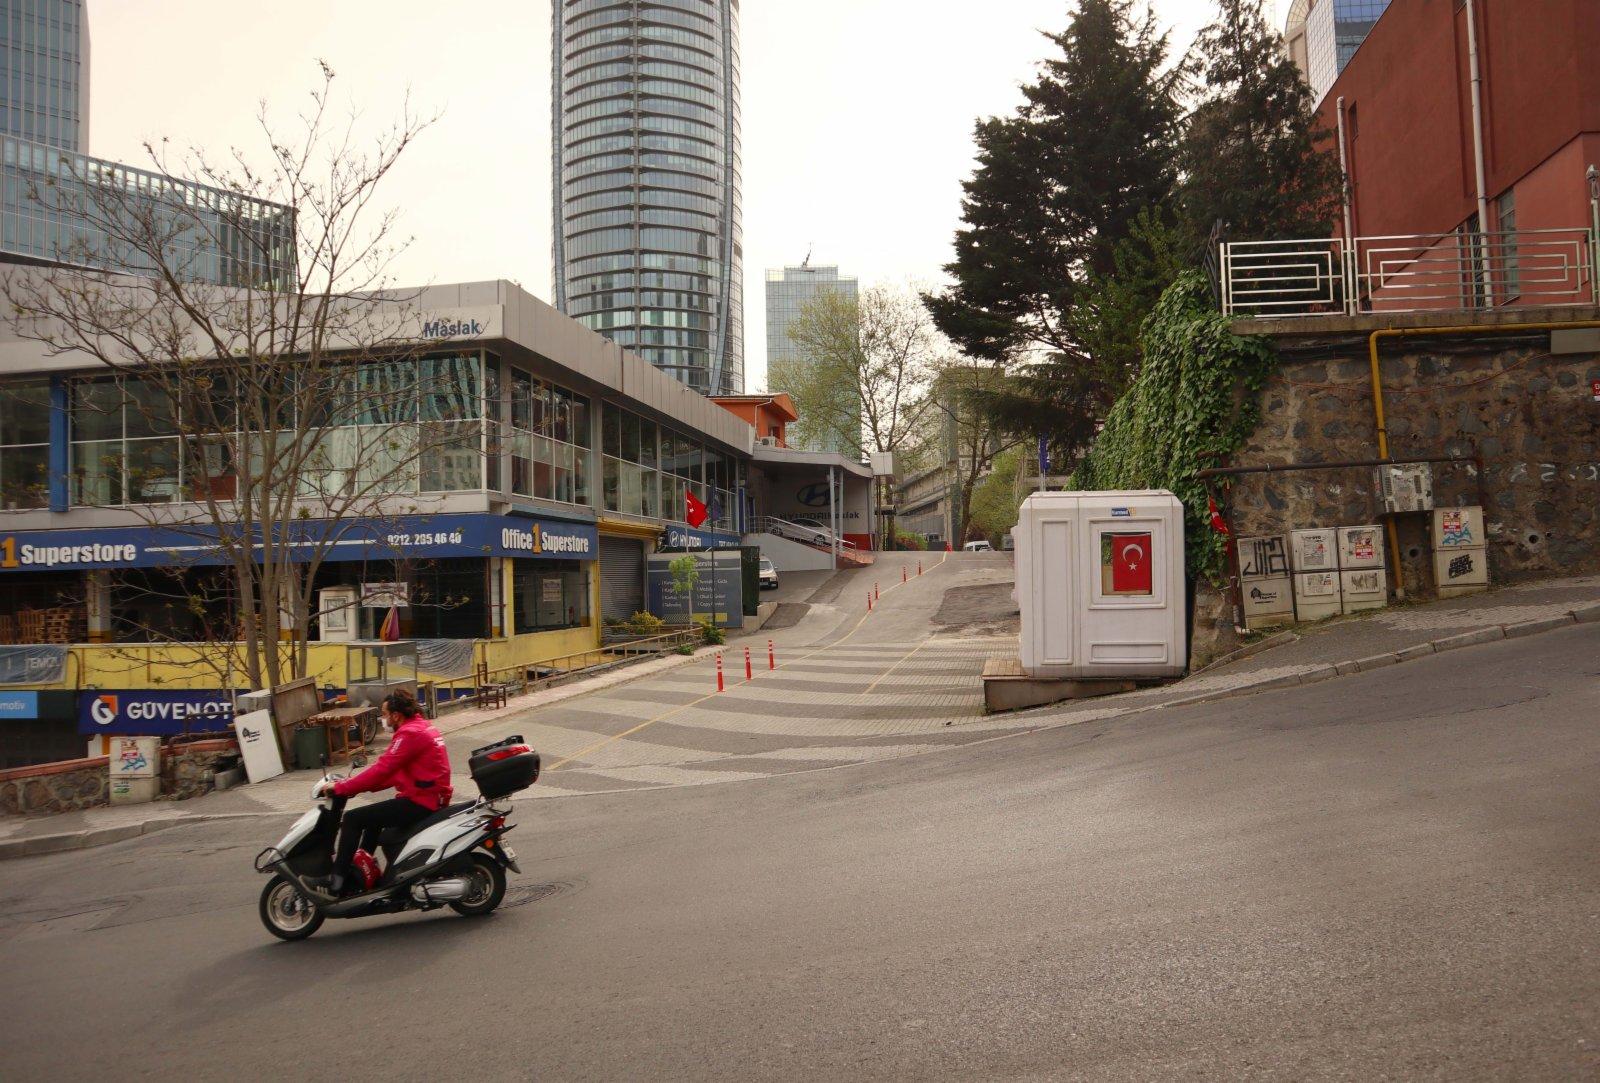 這是5月3日在土耳其伊斯坦布爾拍攝的車輛和行人稀少的街道。(新華社)